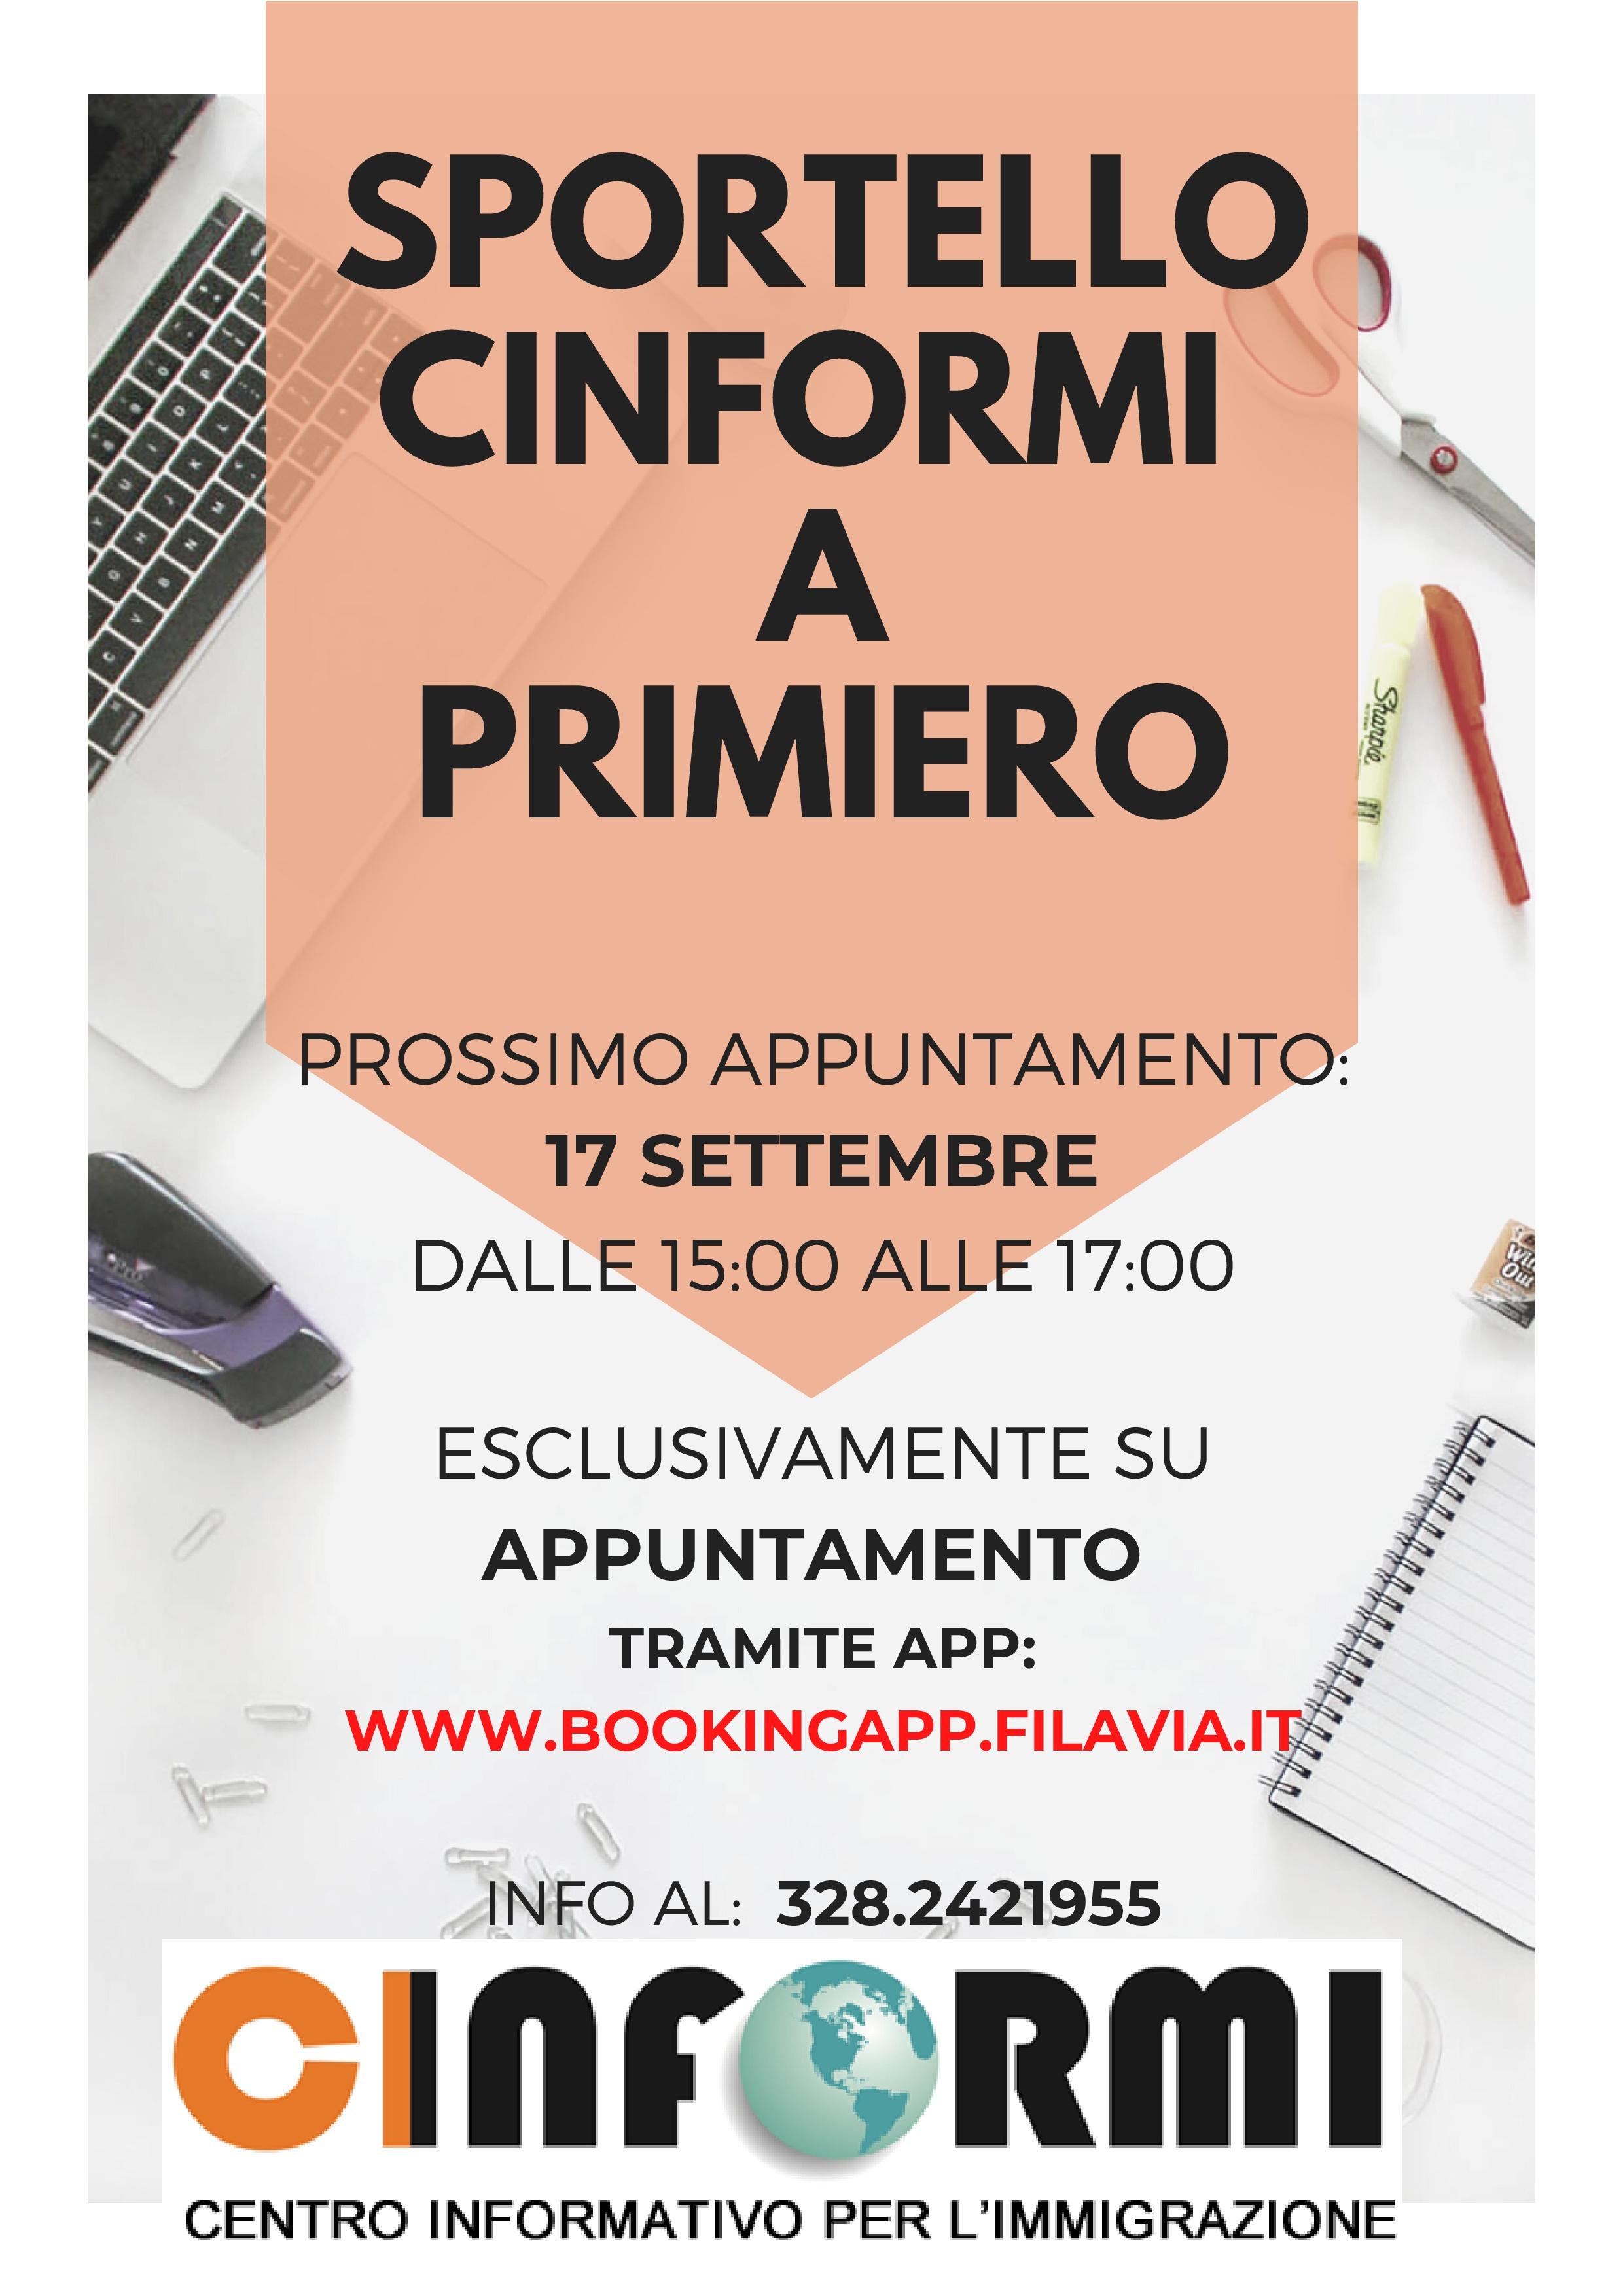 SPORTELLO CINFORMI A PRIMIERO_settembre